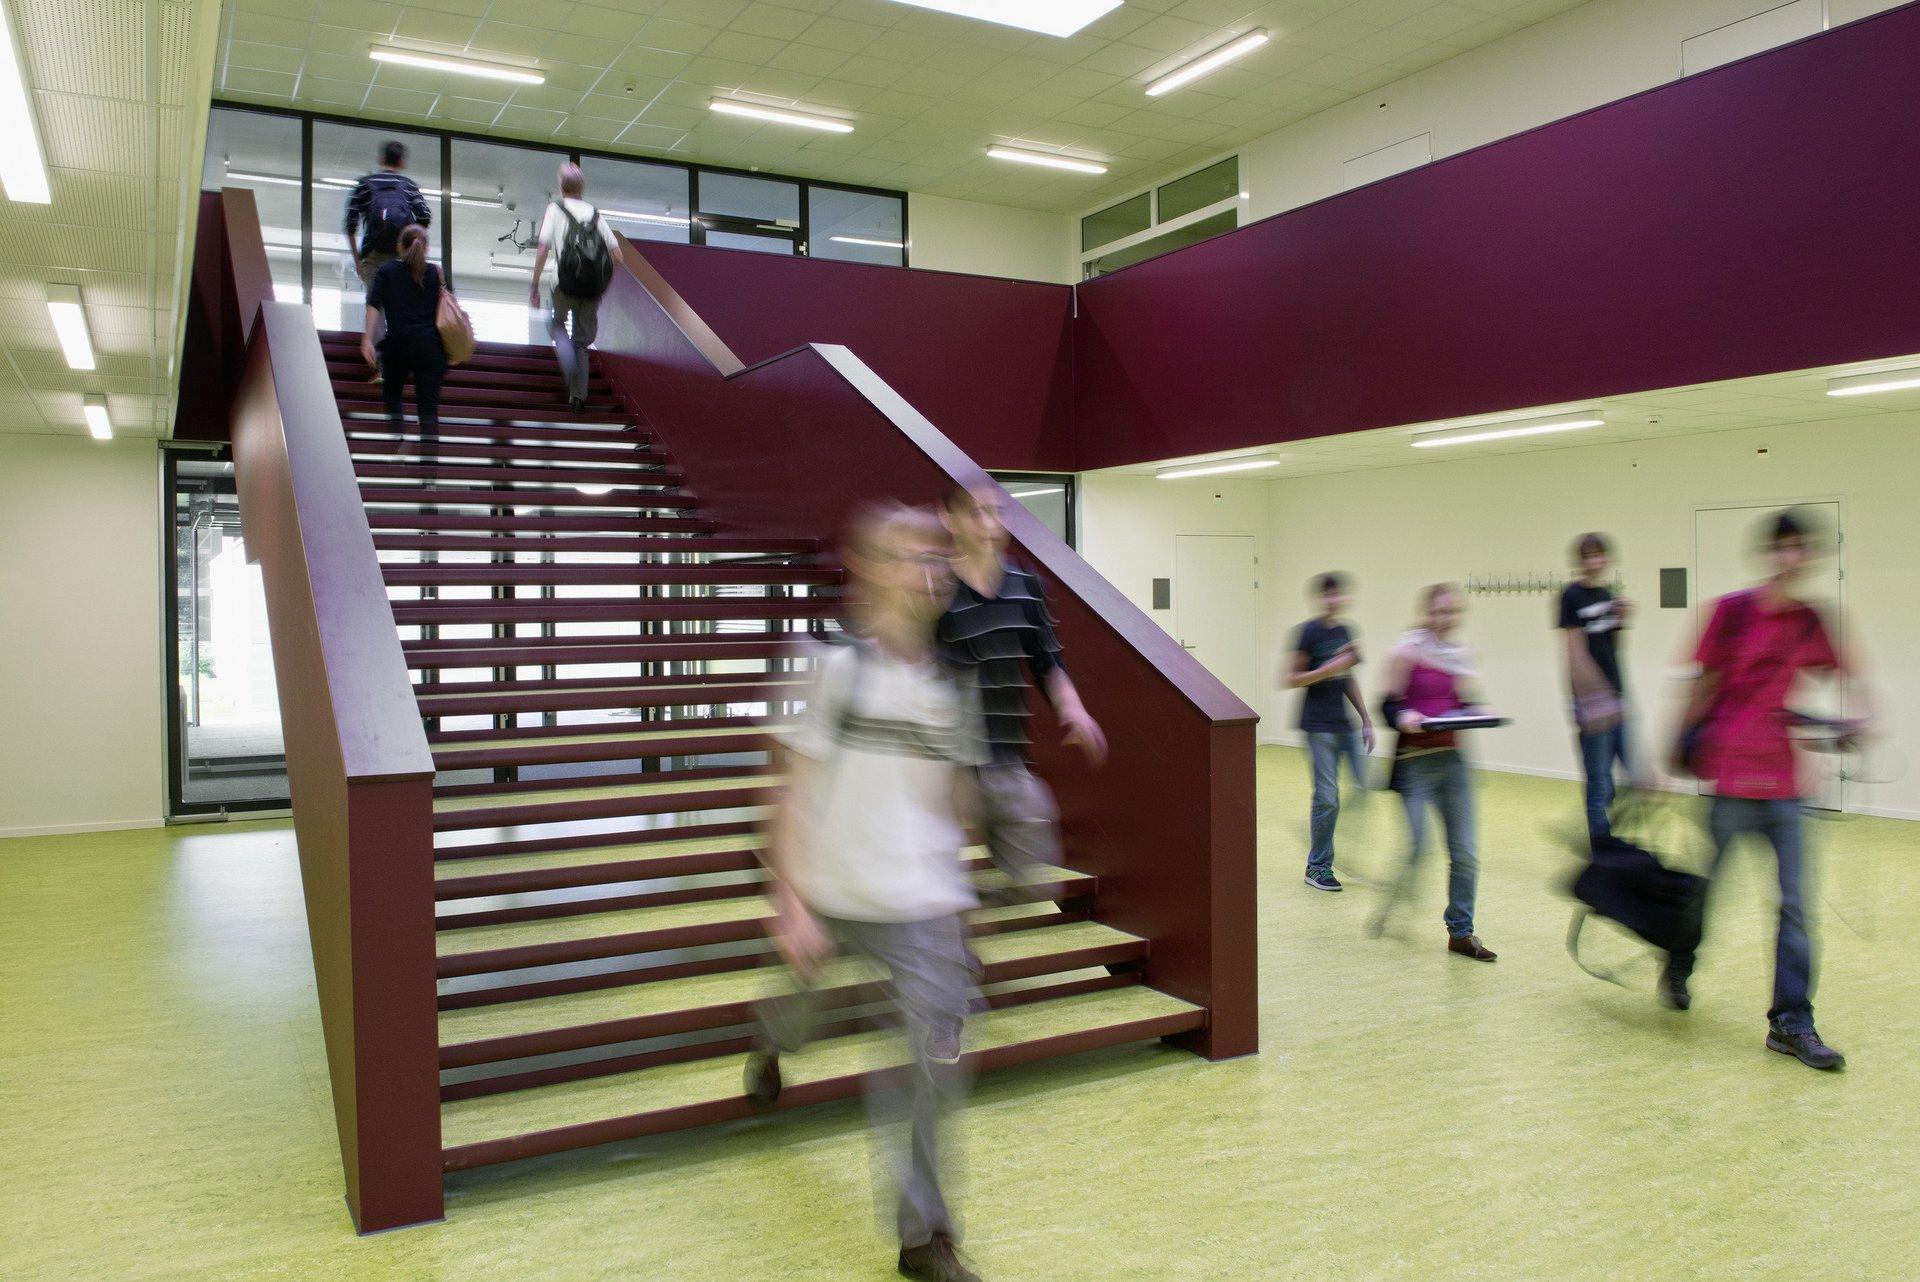 Eingang Schulgebäude mit roter Holztreppe während Schulalltag